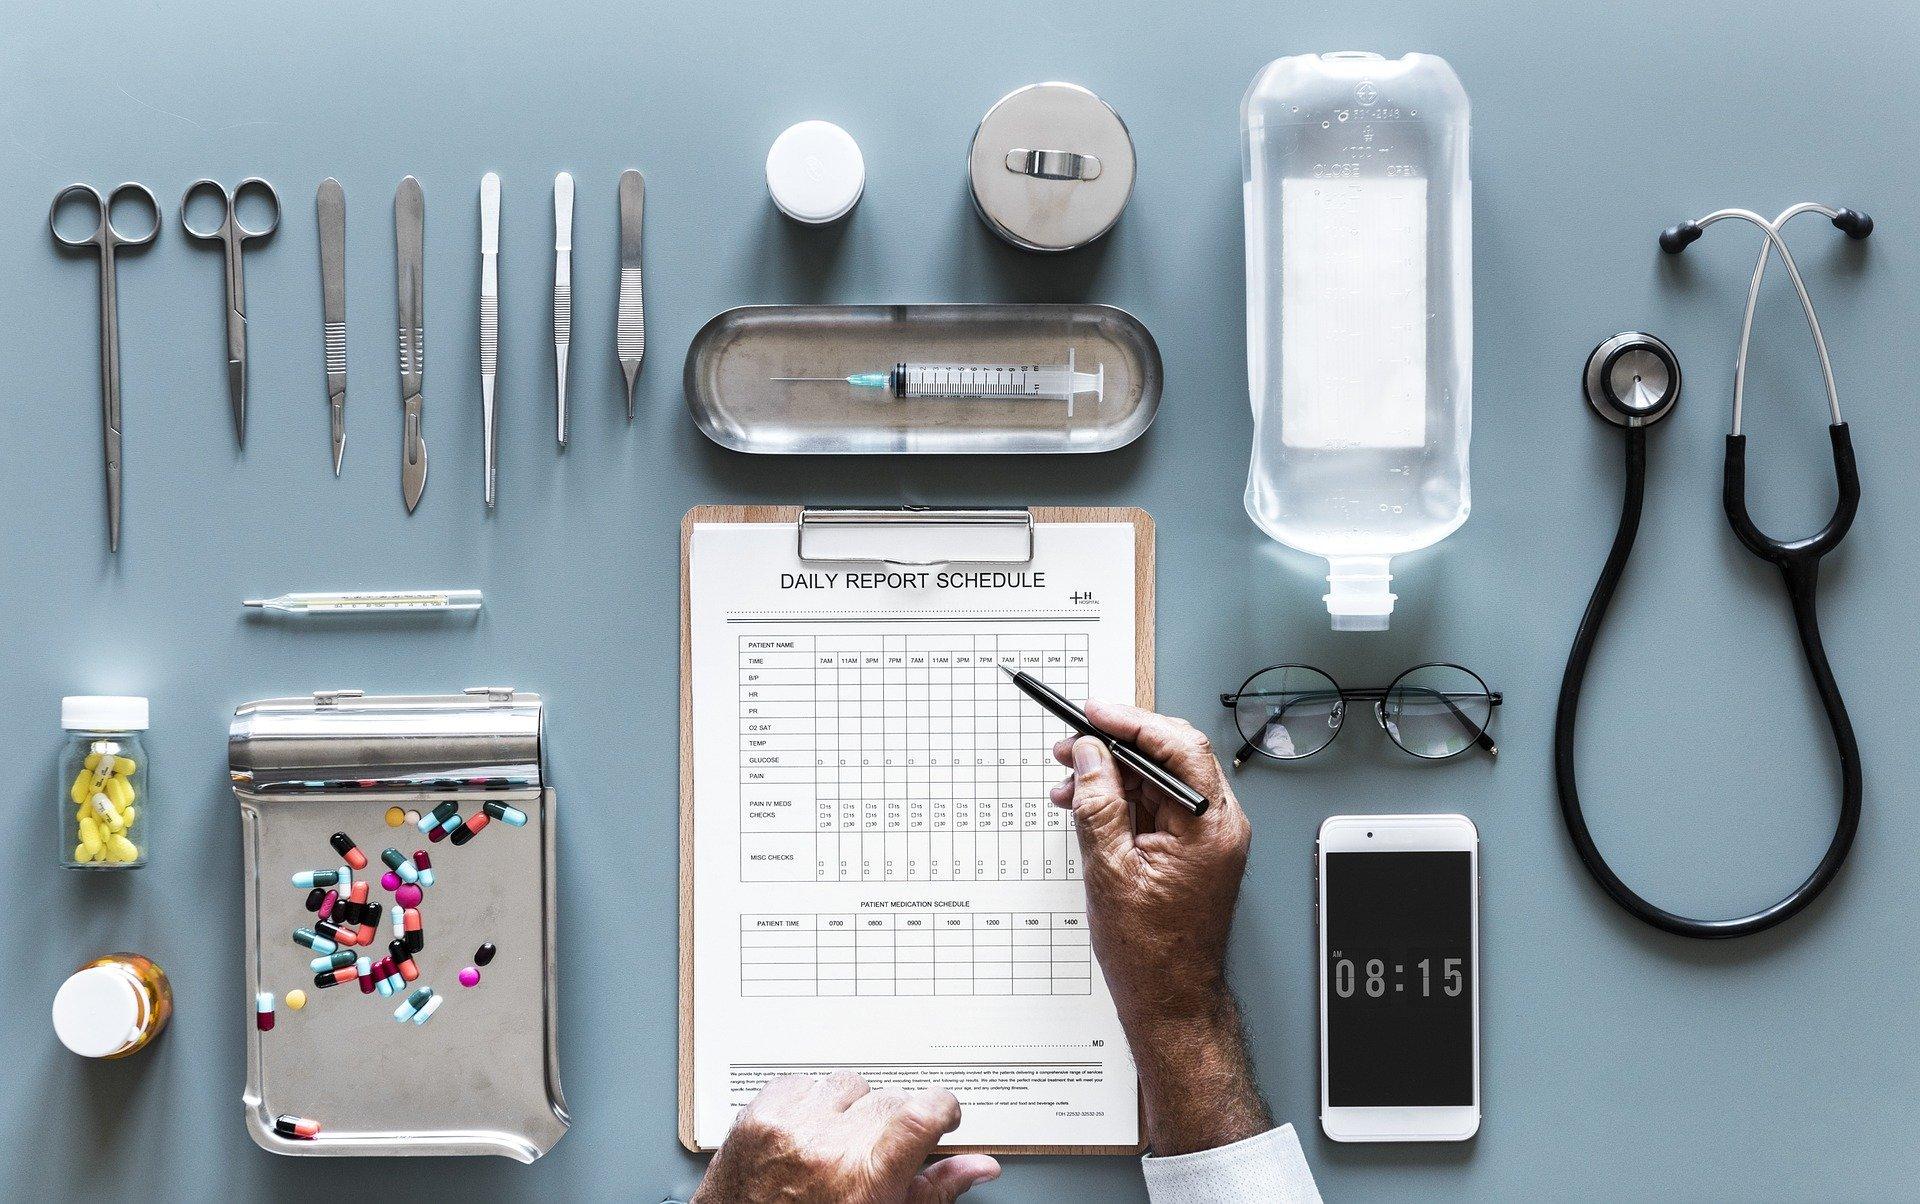 Medicinali da portare in viaggio: la lista completa 2020